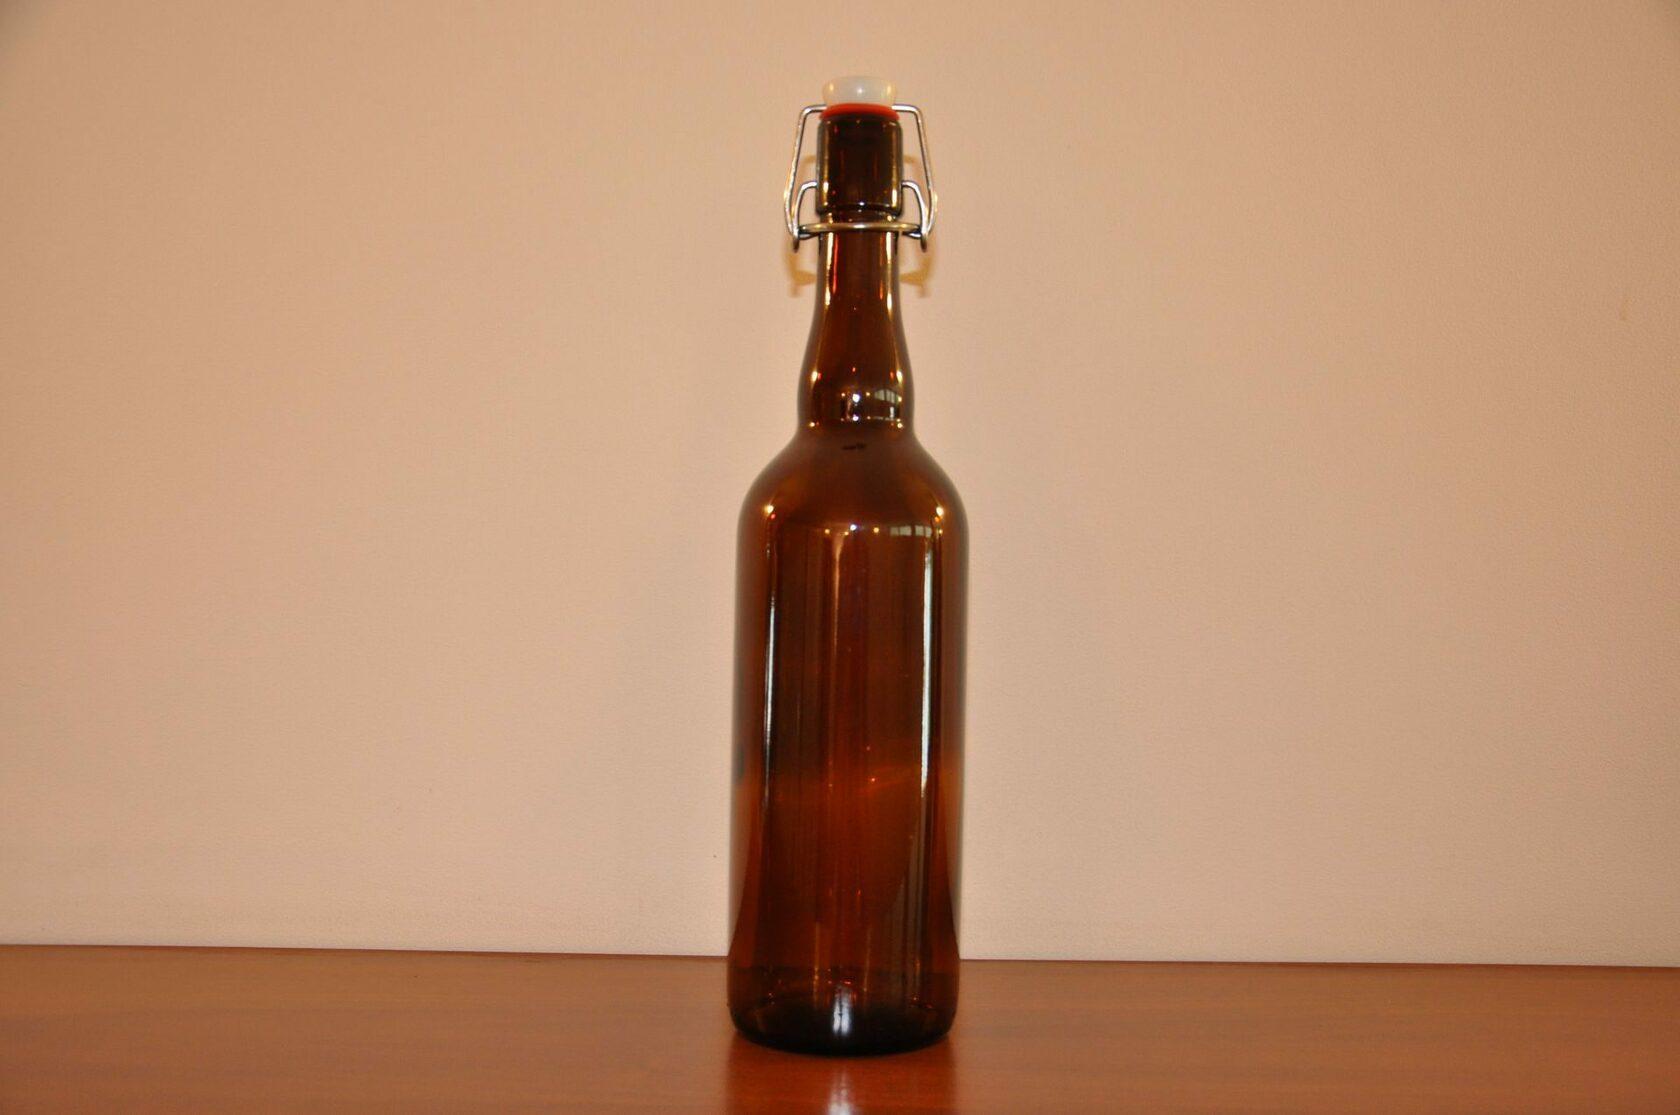 Бугельные бутылки для пива: преимущества и особенности